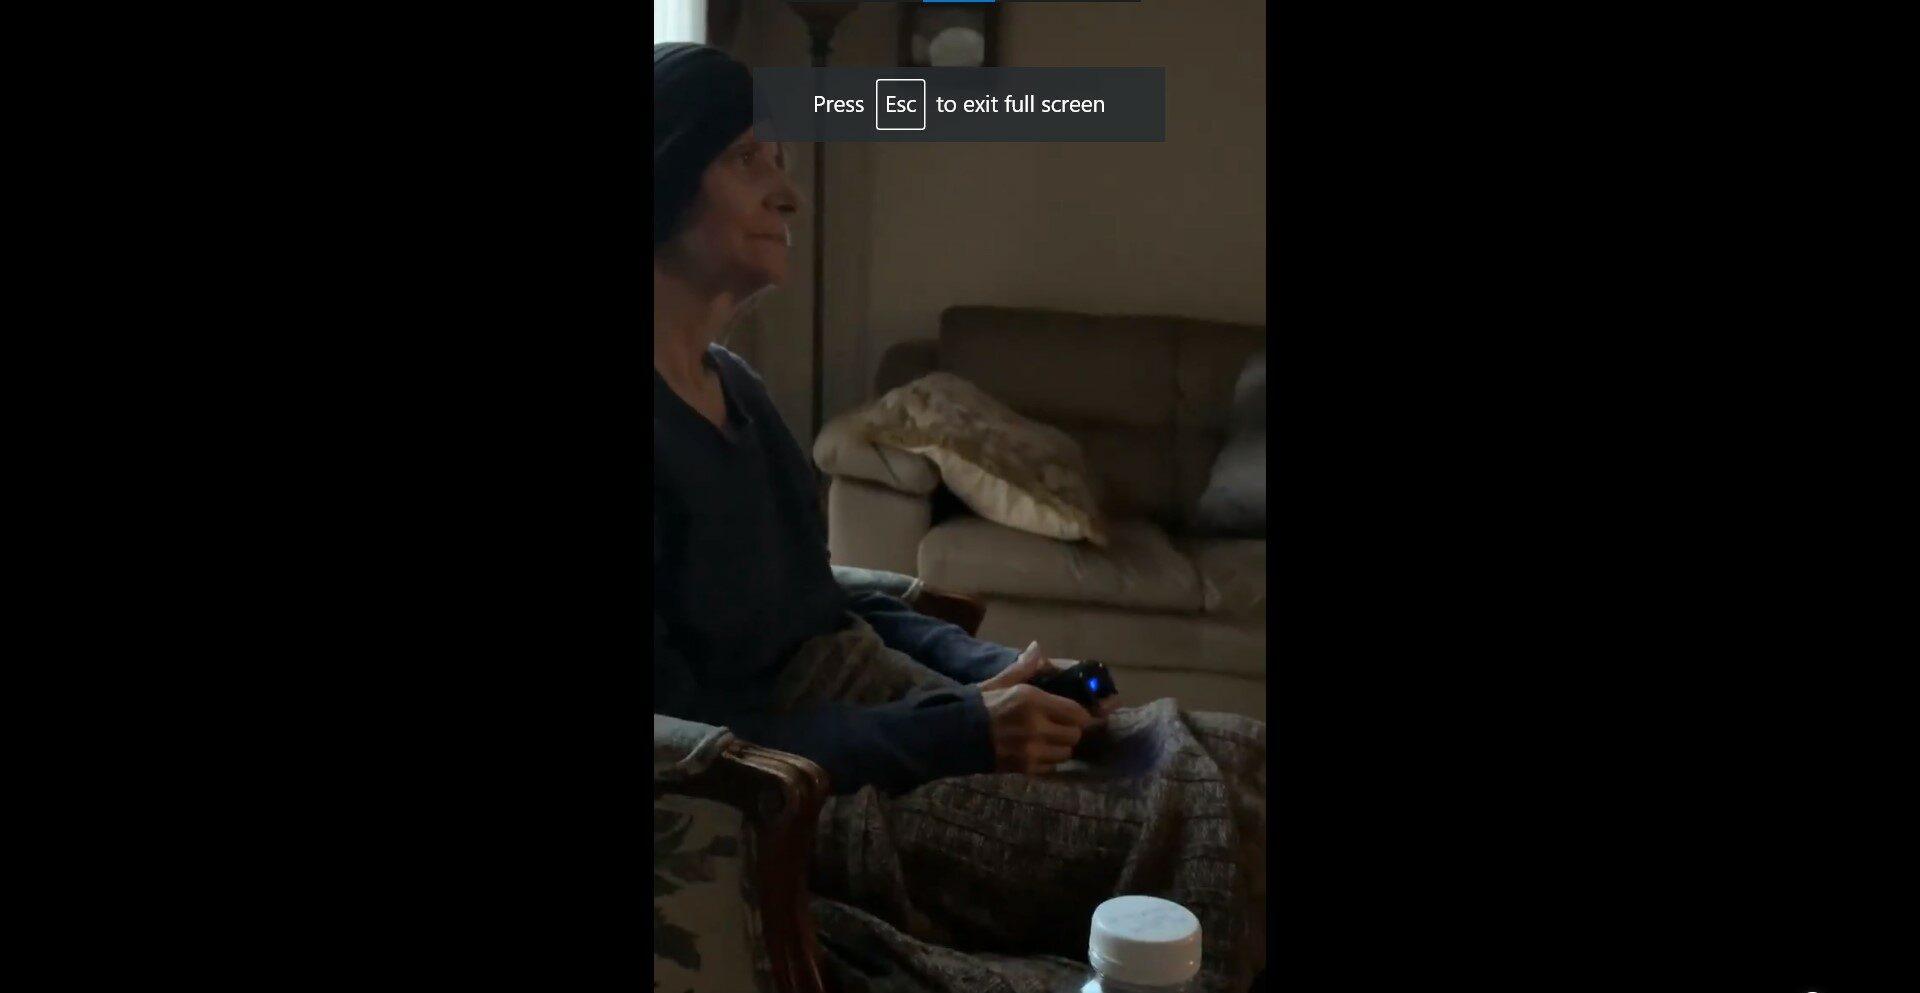 Berusia 63 Tahun, Wanita Ini Habiskan 200 Jam Bermain Assassins' Creed!